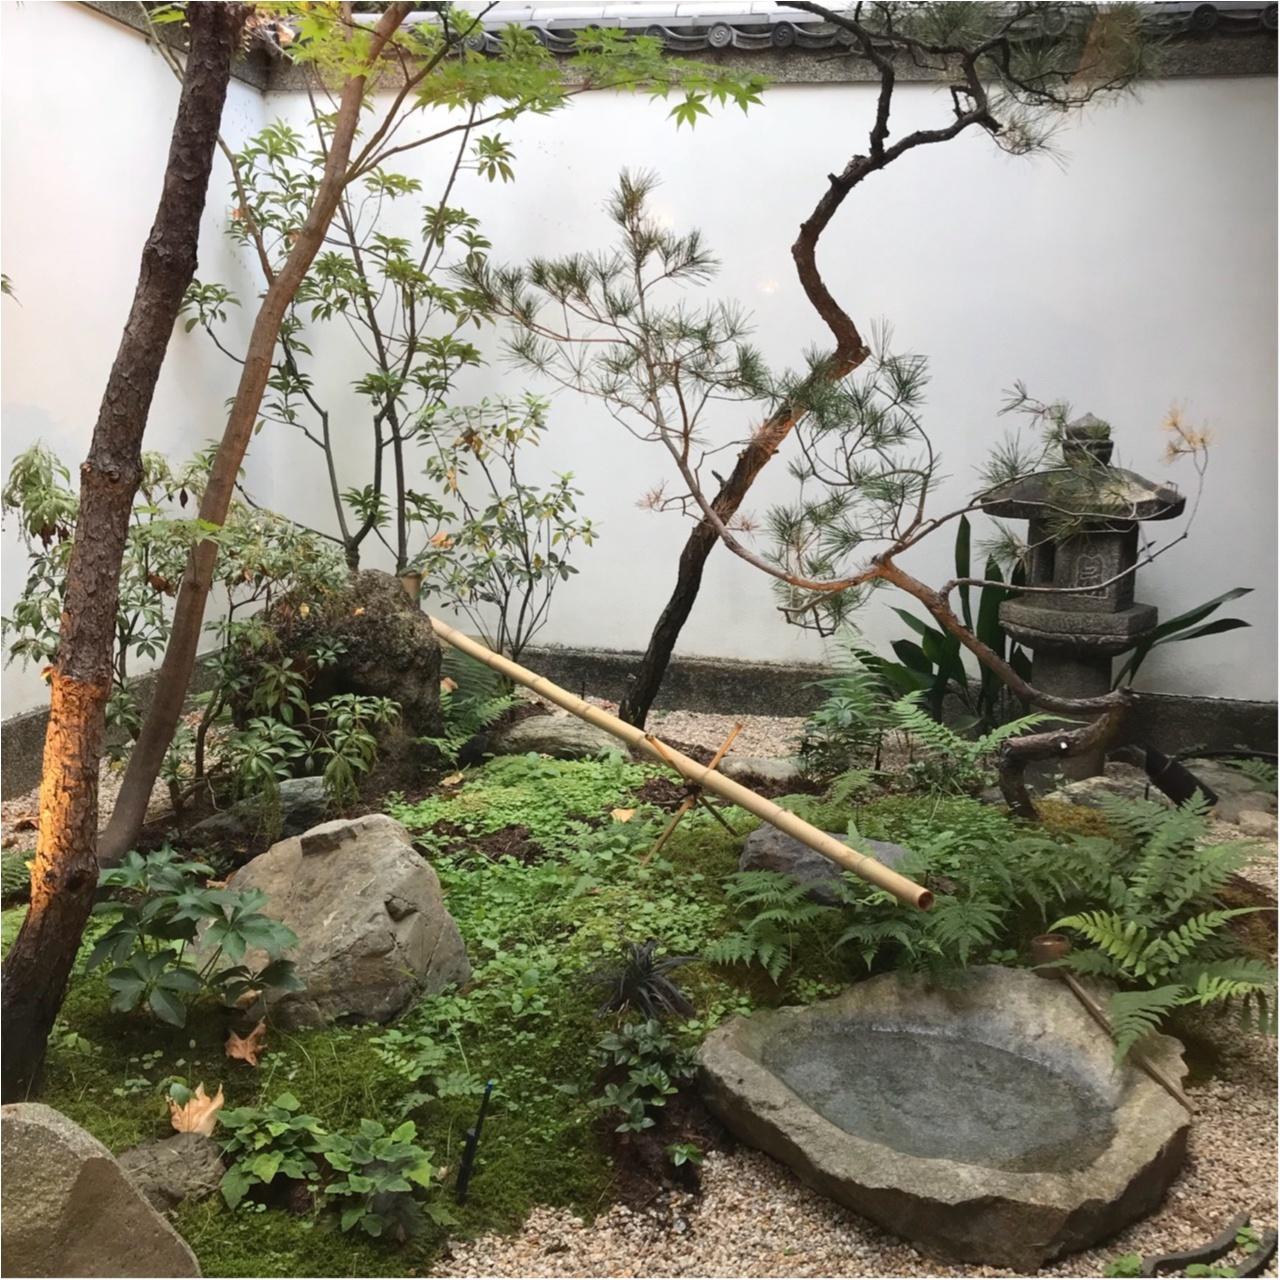 【京都】秋の風情を感じながらふわふわのパンケーキ❤︎_3